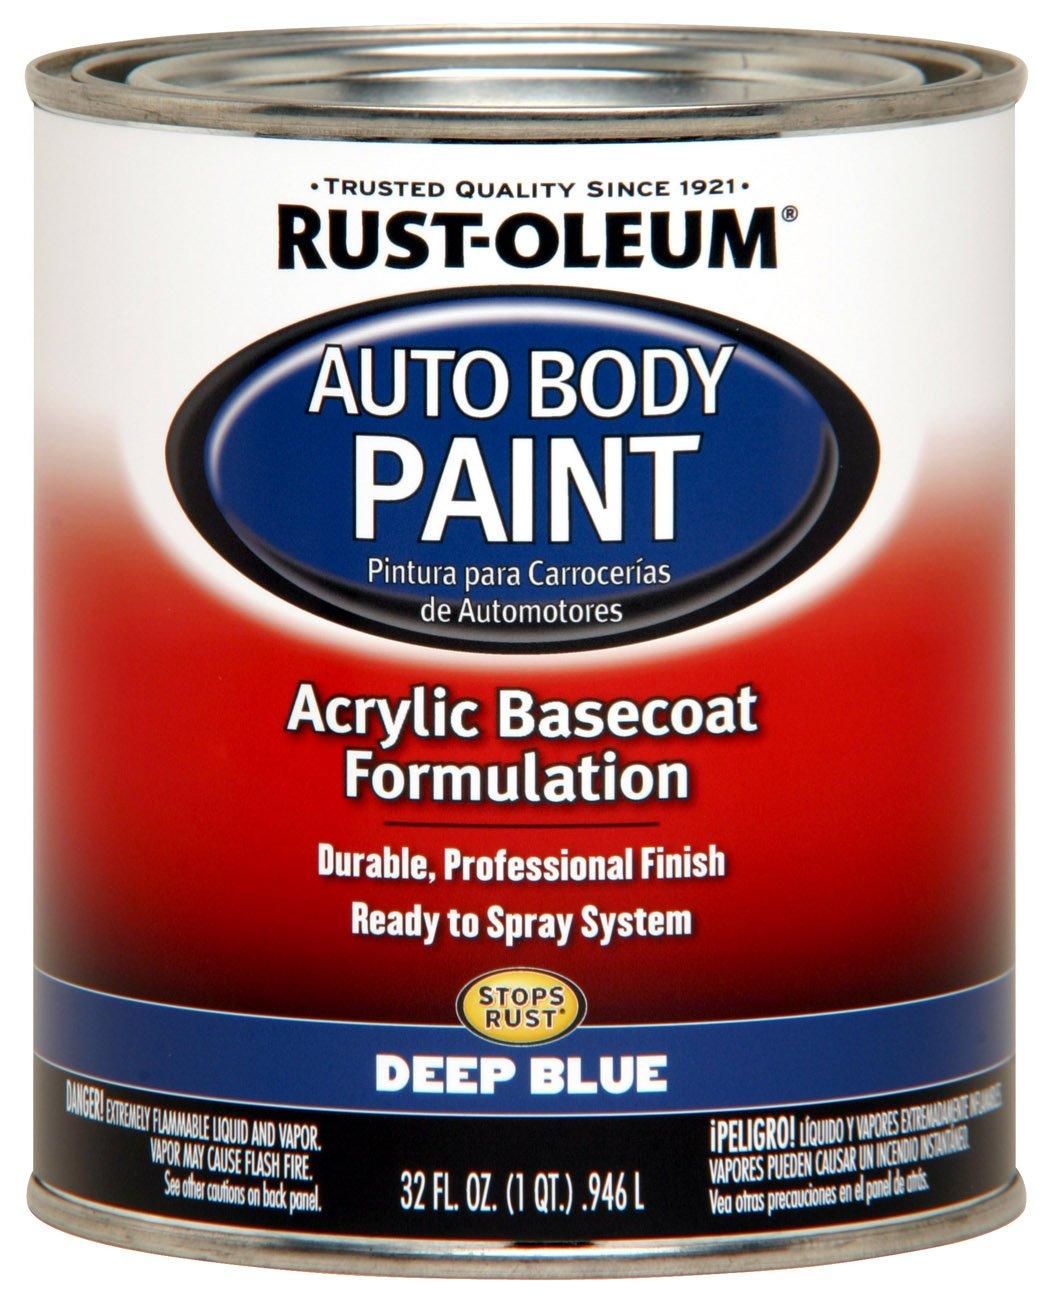 Midnight blue acrylic enamel paint kit auto paint car - Rust Oleum Automotive 253505 32 Ounce Autobody Paint Quart Deep Blue House Paint Amazon Com